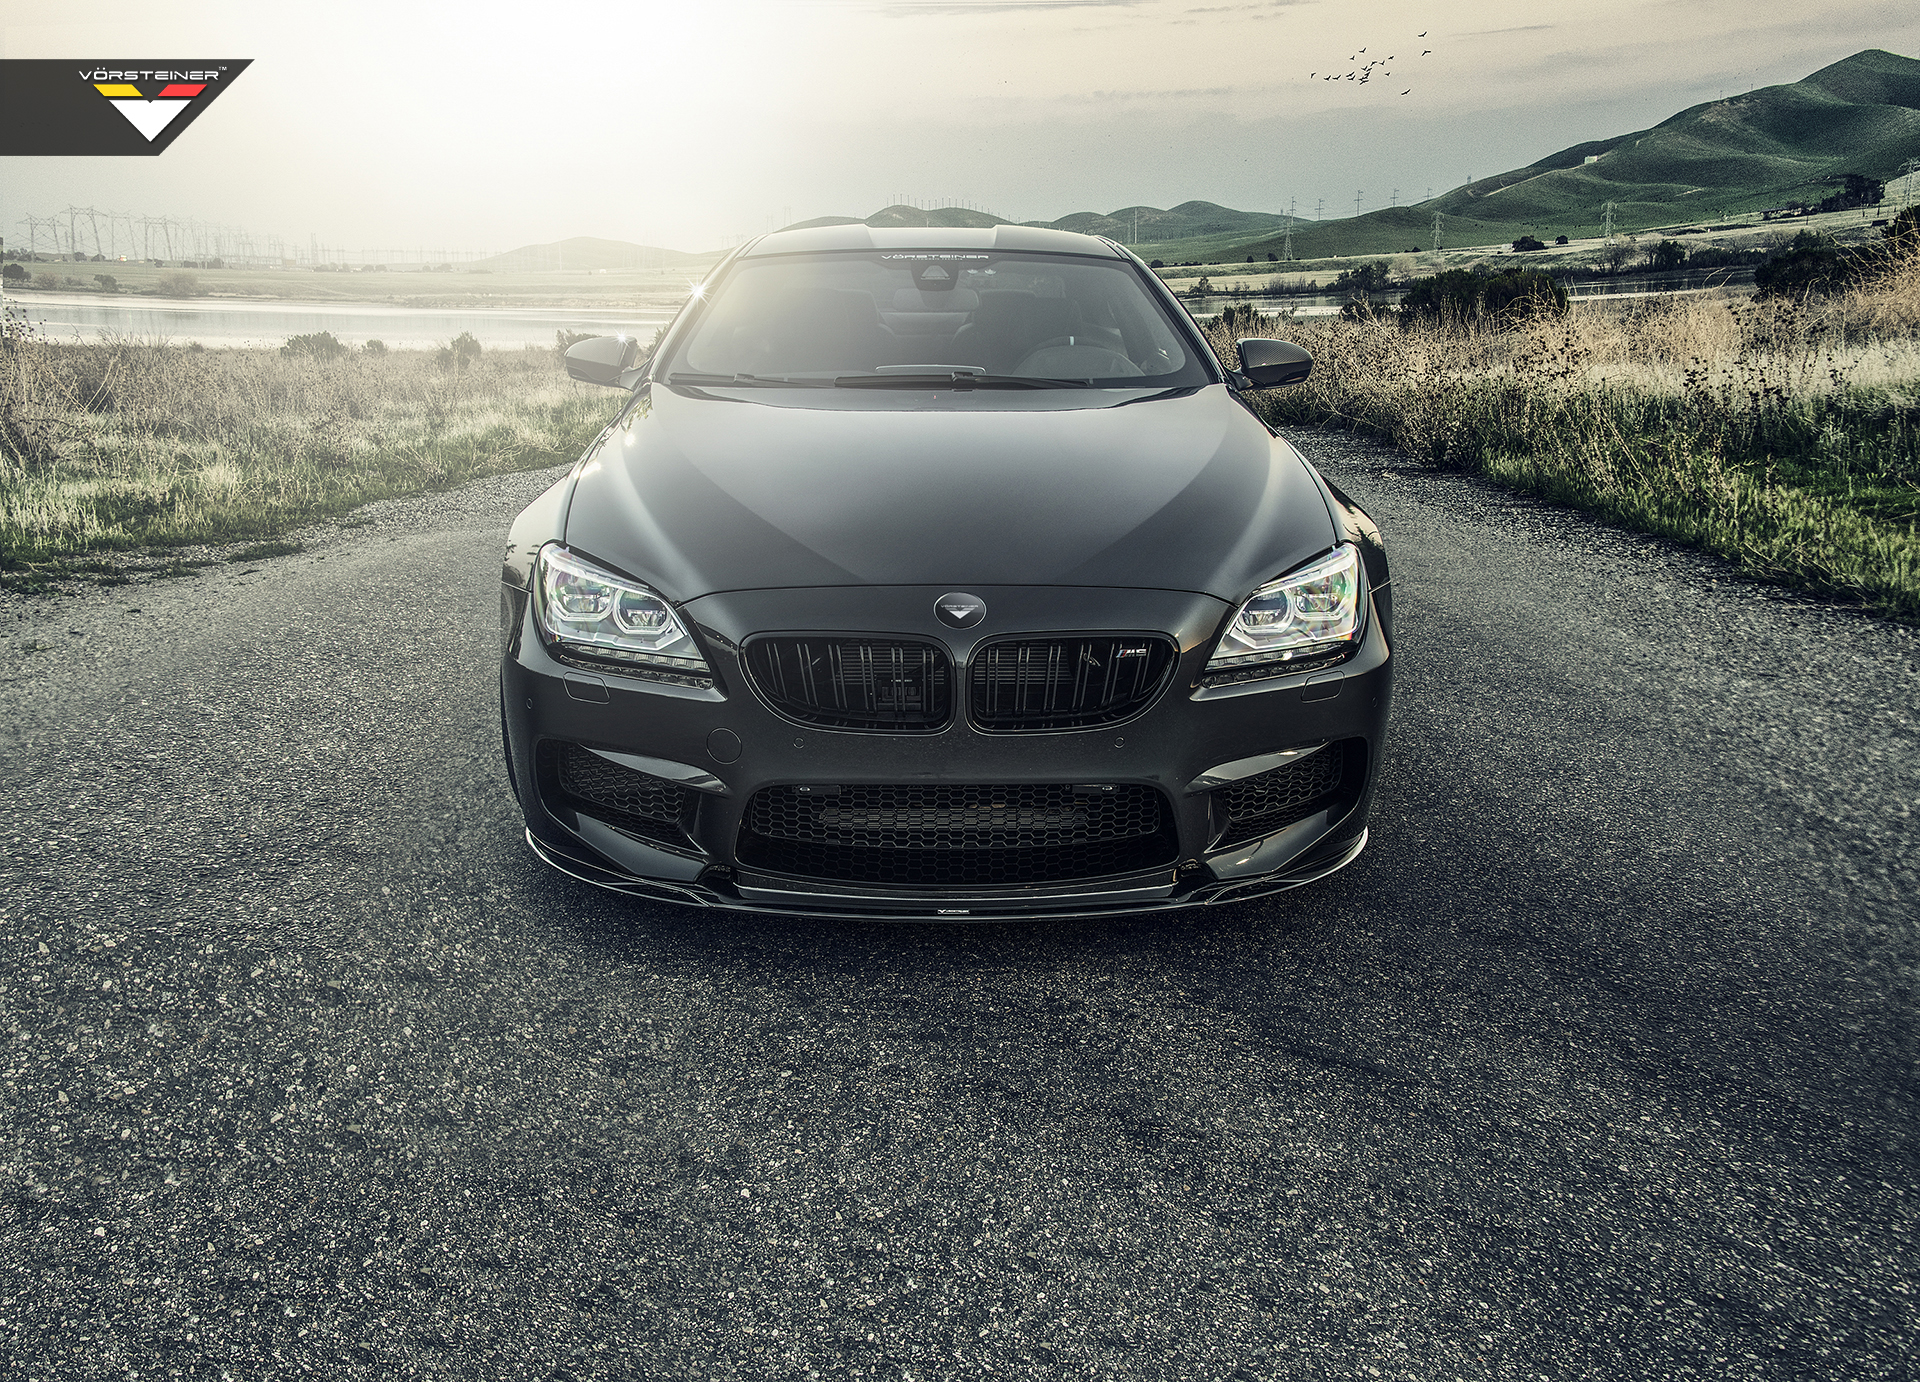 BMW F13 M6 By Vorsteiner 02